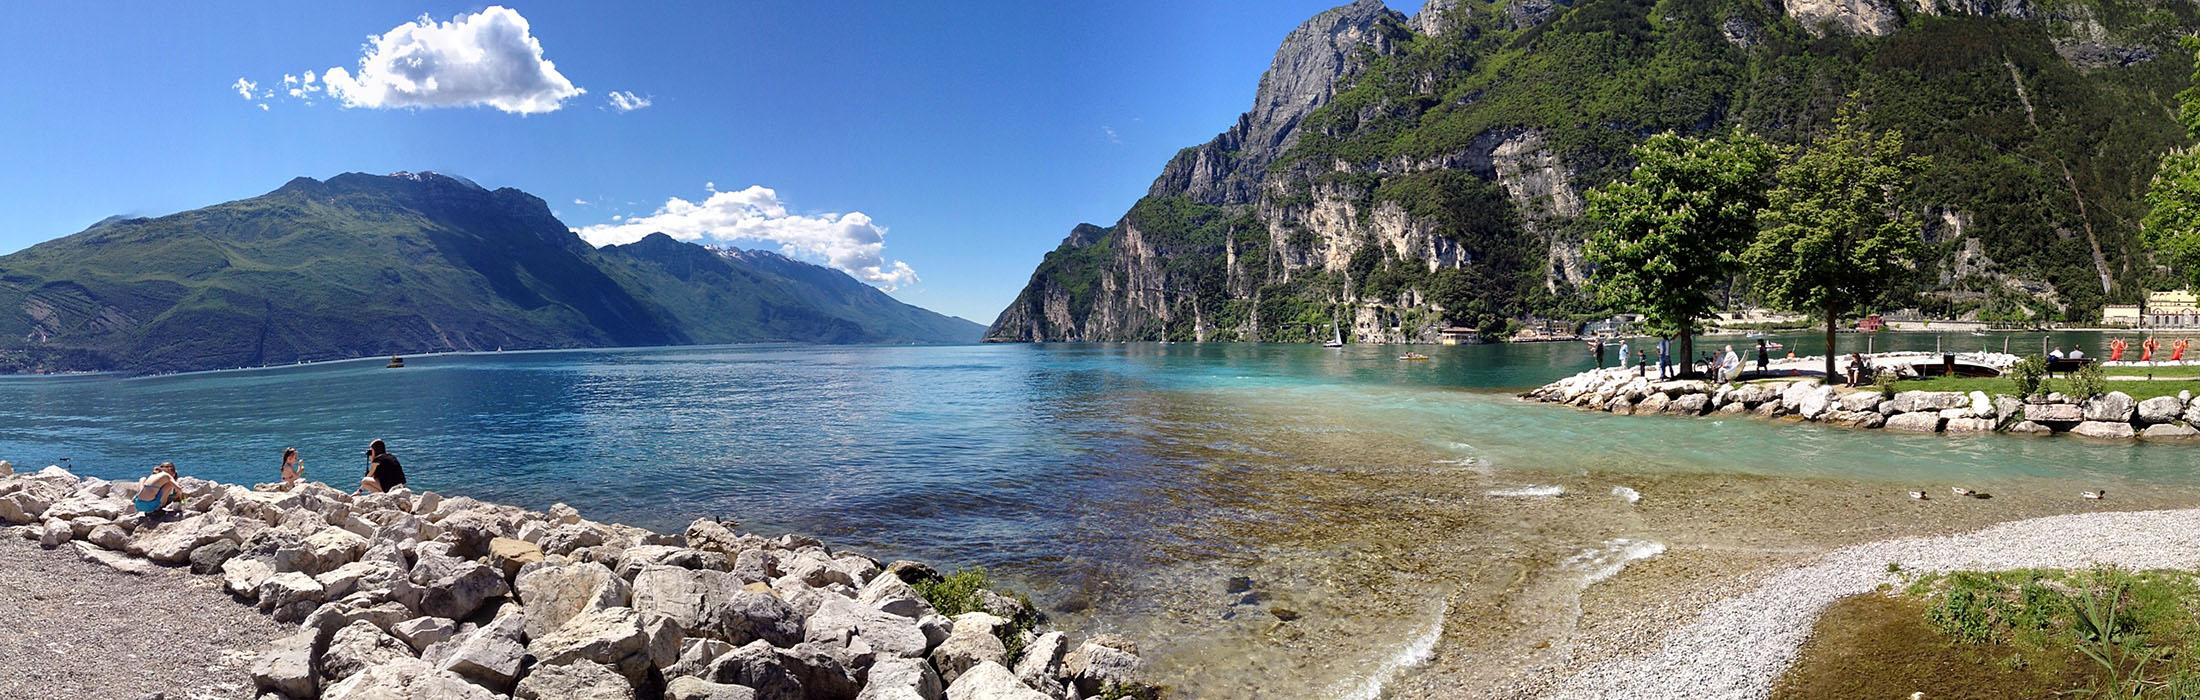 Garda Trentino: Riva del Garda spiaggia sabbioni gardasee italien In Riva del Garda erstreckt sich der längste durchgehende Strand am Gardasee. Die beiden gepflegten Strandbäder Spiaggia Sabbioni und Spiaggia dei Pini bieten große Liegewiese mit schattigen Plätzen.